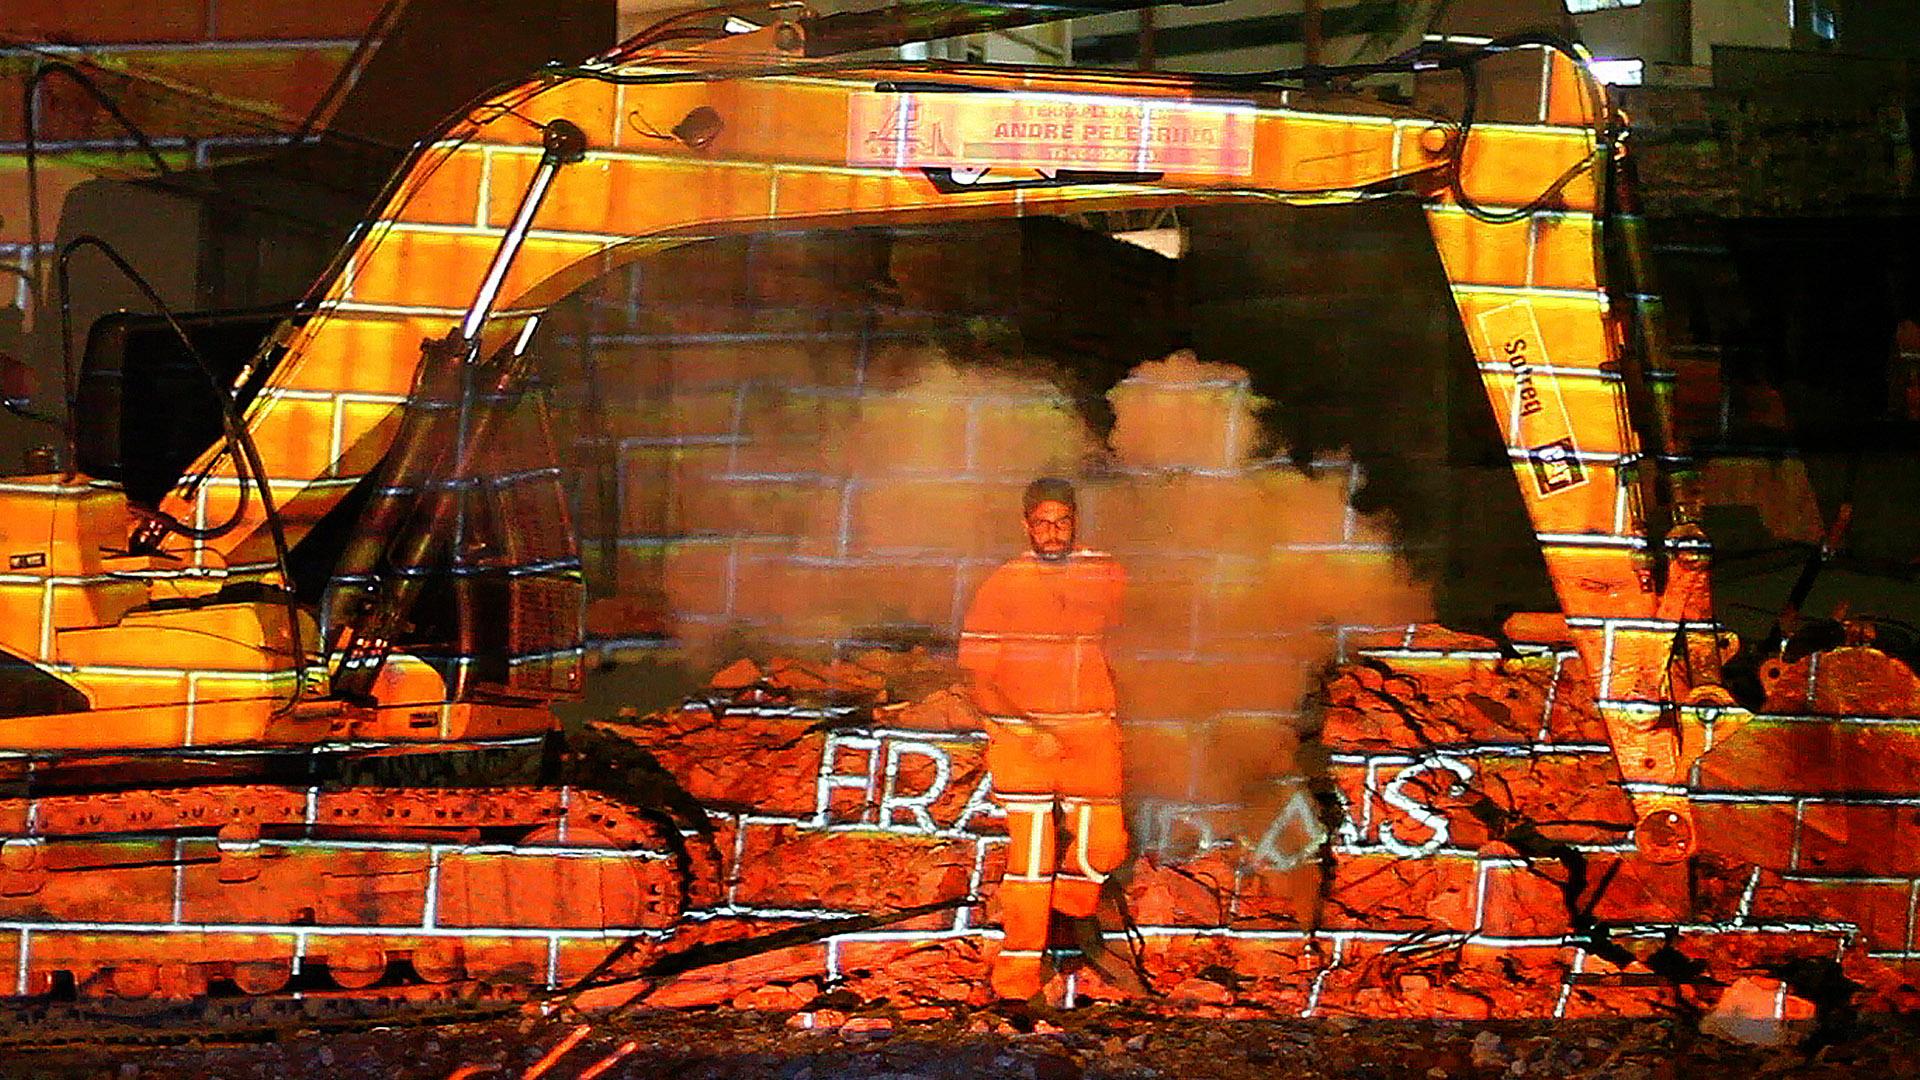 rodrigo-araujo_ruinas-transitorias_bicicleta-visual-01